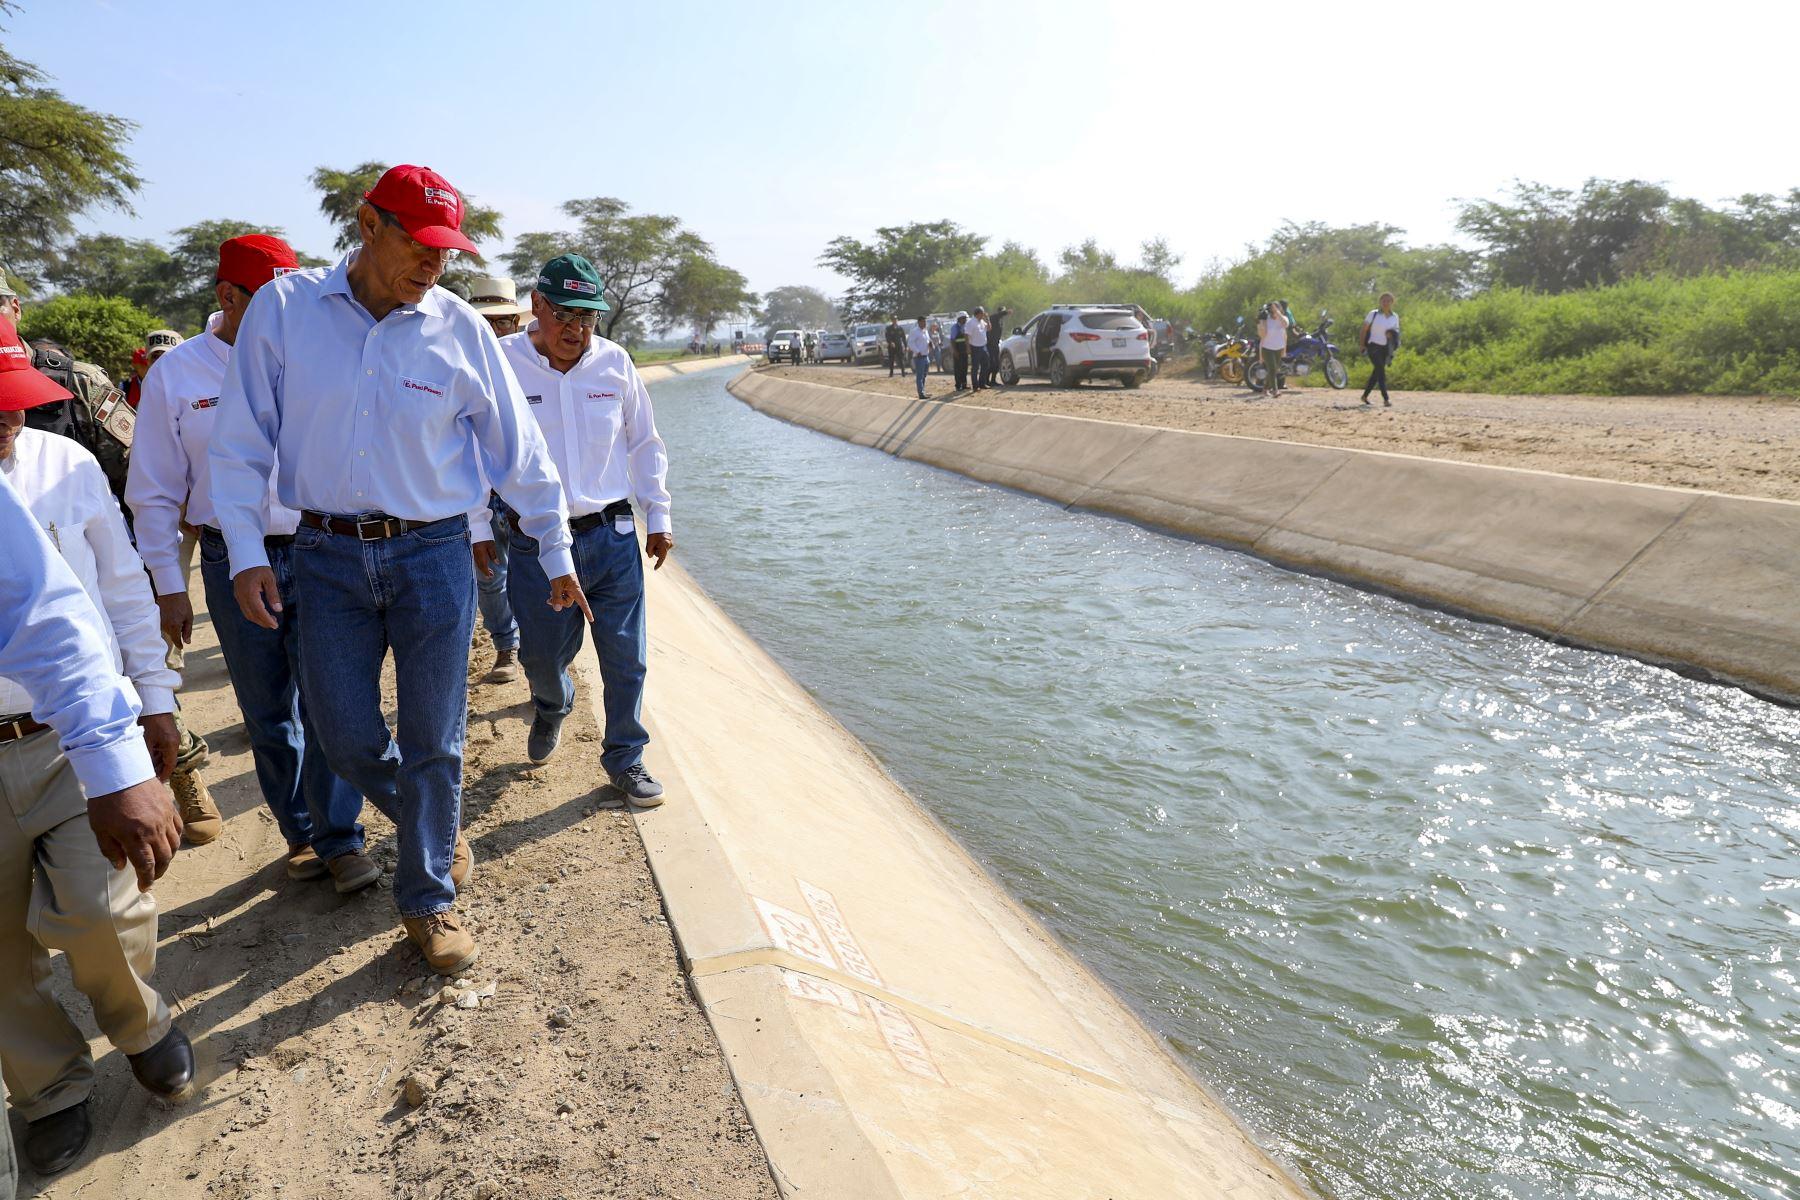 El presidente de la República, Martín Vizcarra, supervisa el funcionamiento del servicio de agua de riego del canal Mochumí, en Lambayeque. Foto: ANDINA/Prensa Presidencia